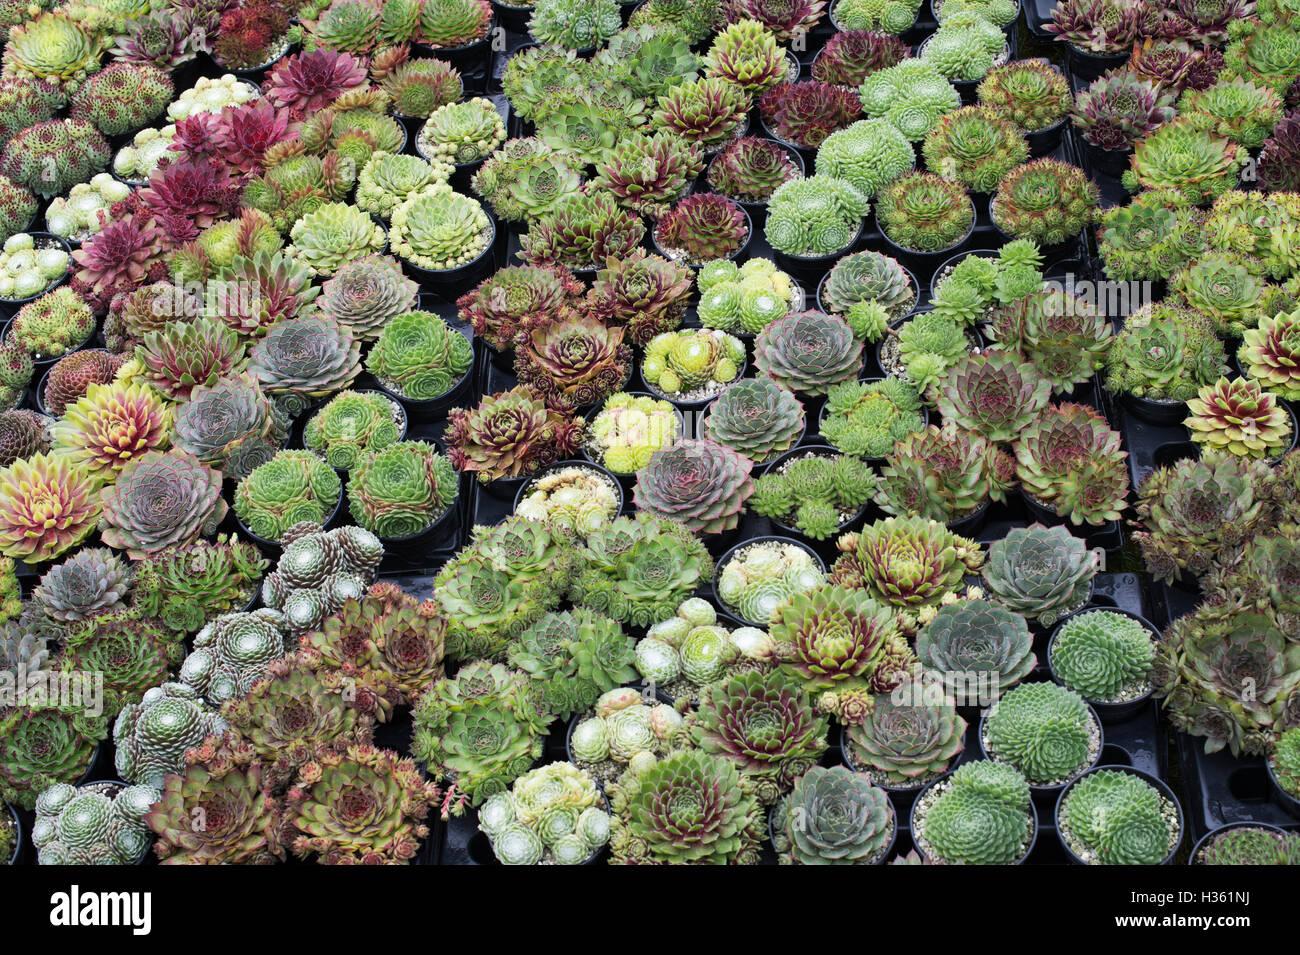 sempervivum hauswurz pflanzen in t pfen zum verkauf an die rhs wisley herbstliche blumenschau. Black Bedroom Furniture Sets. Home Design Ideas